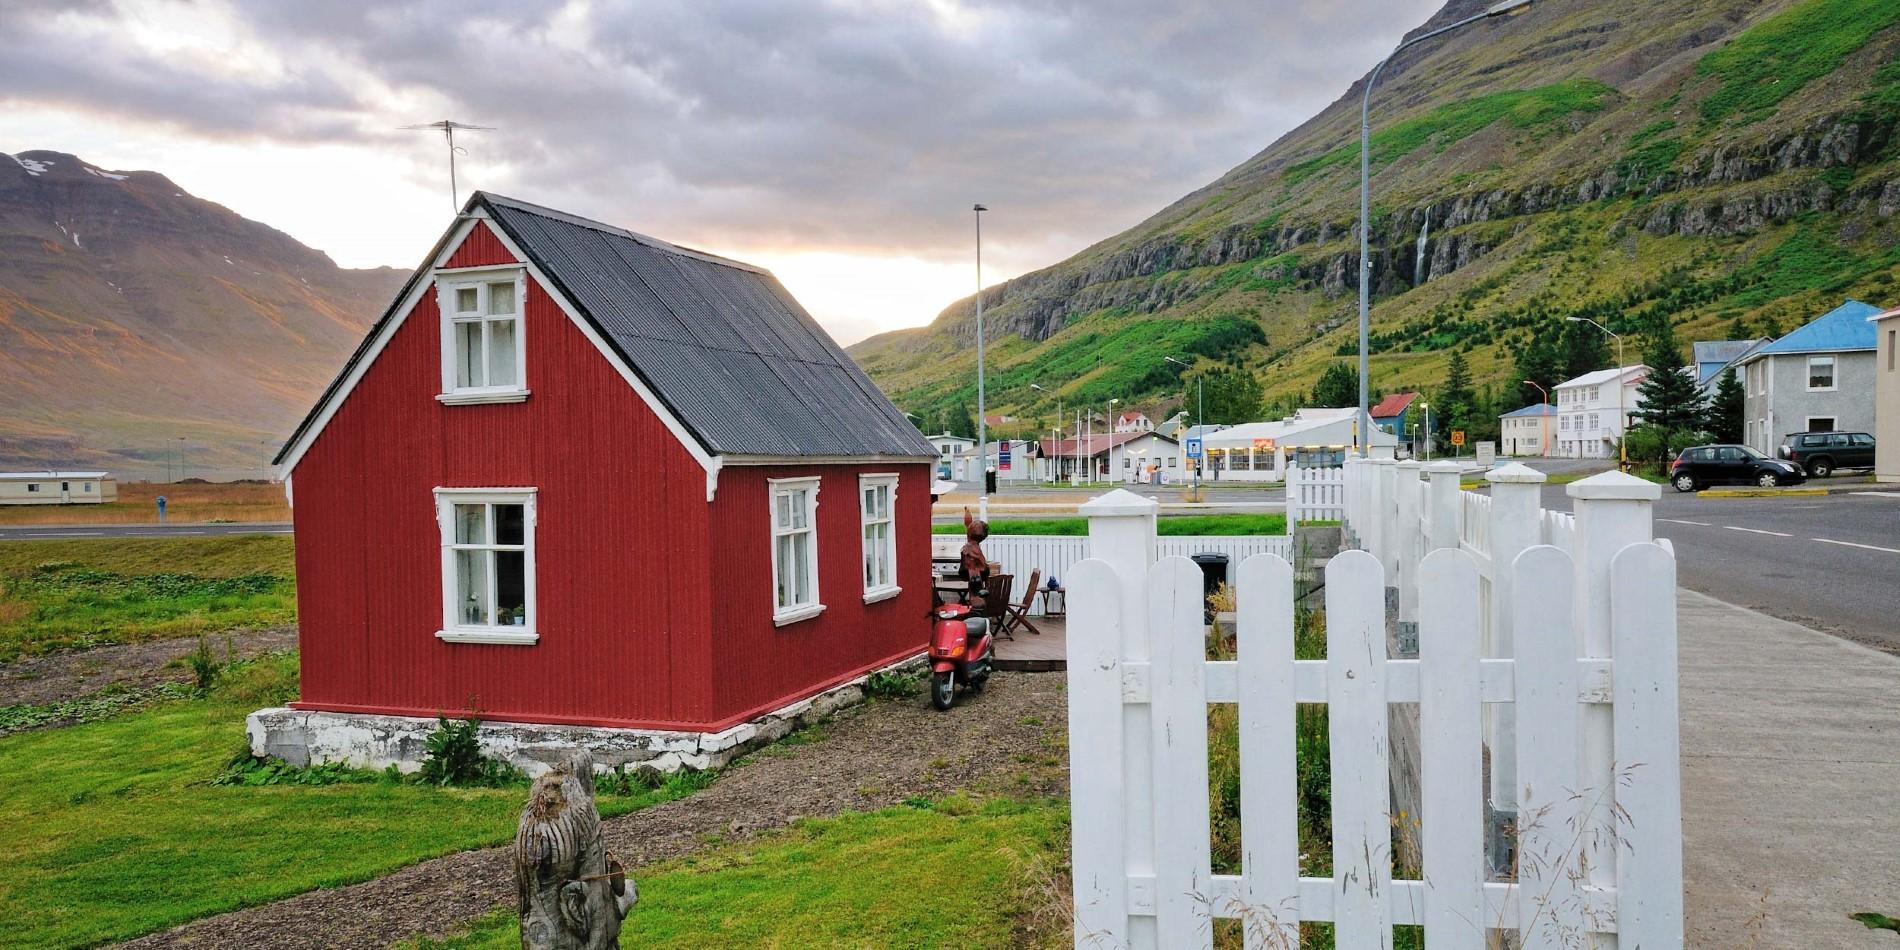 2500x1250_Seydisfjordur_shutterstock_228942841_Jordan-Lye.jpg